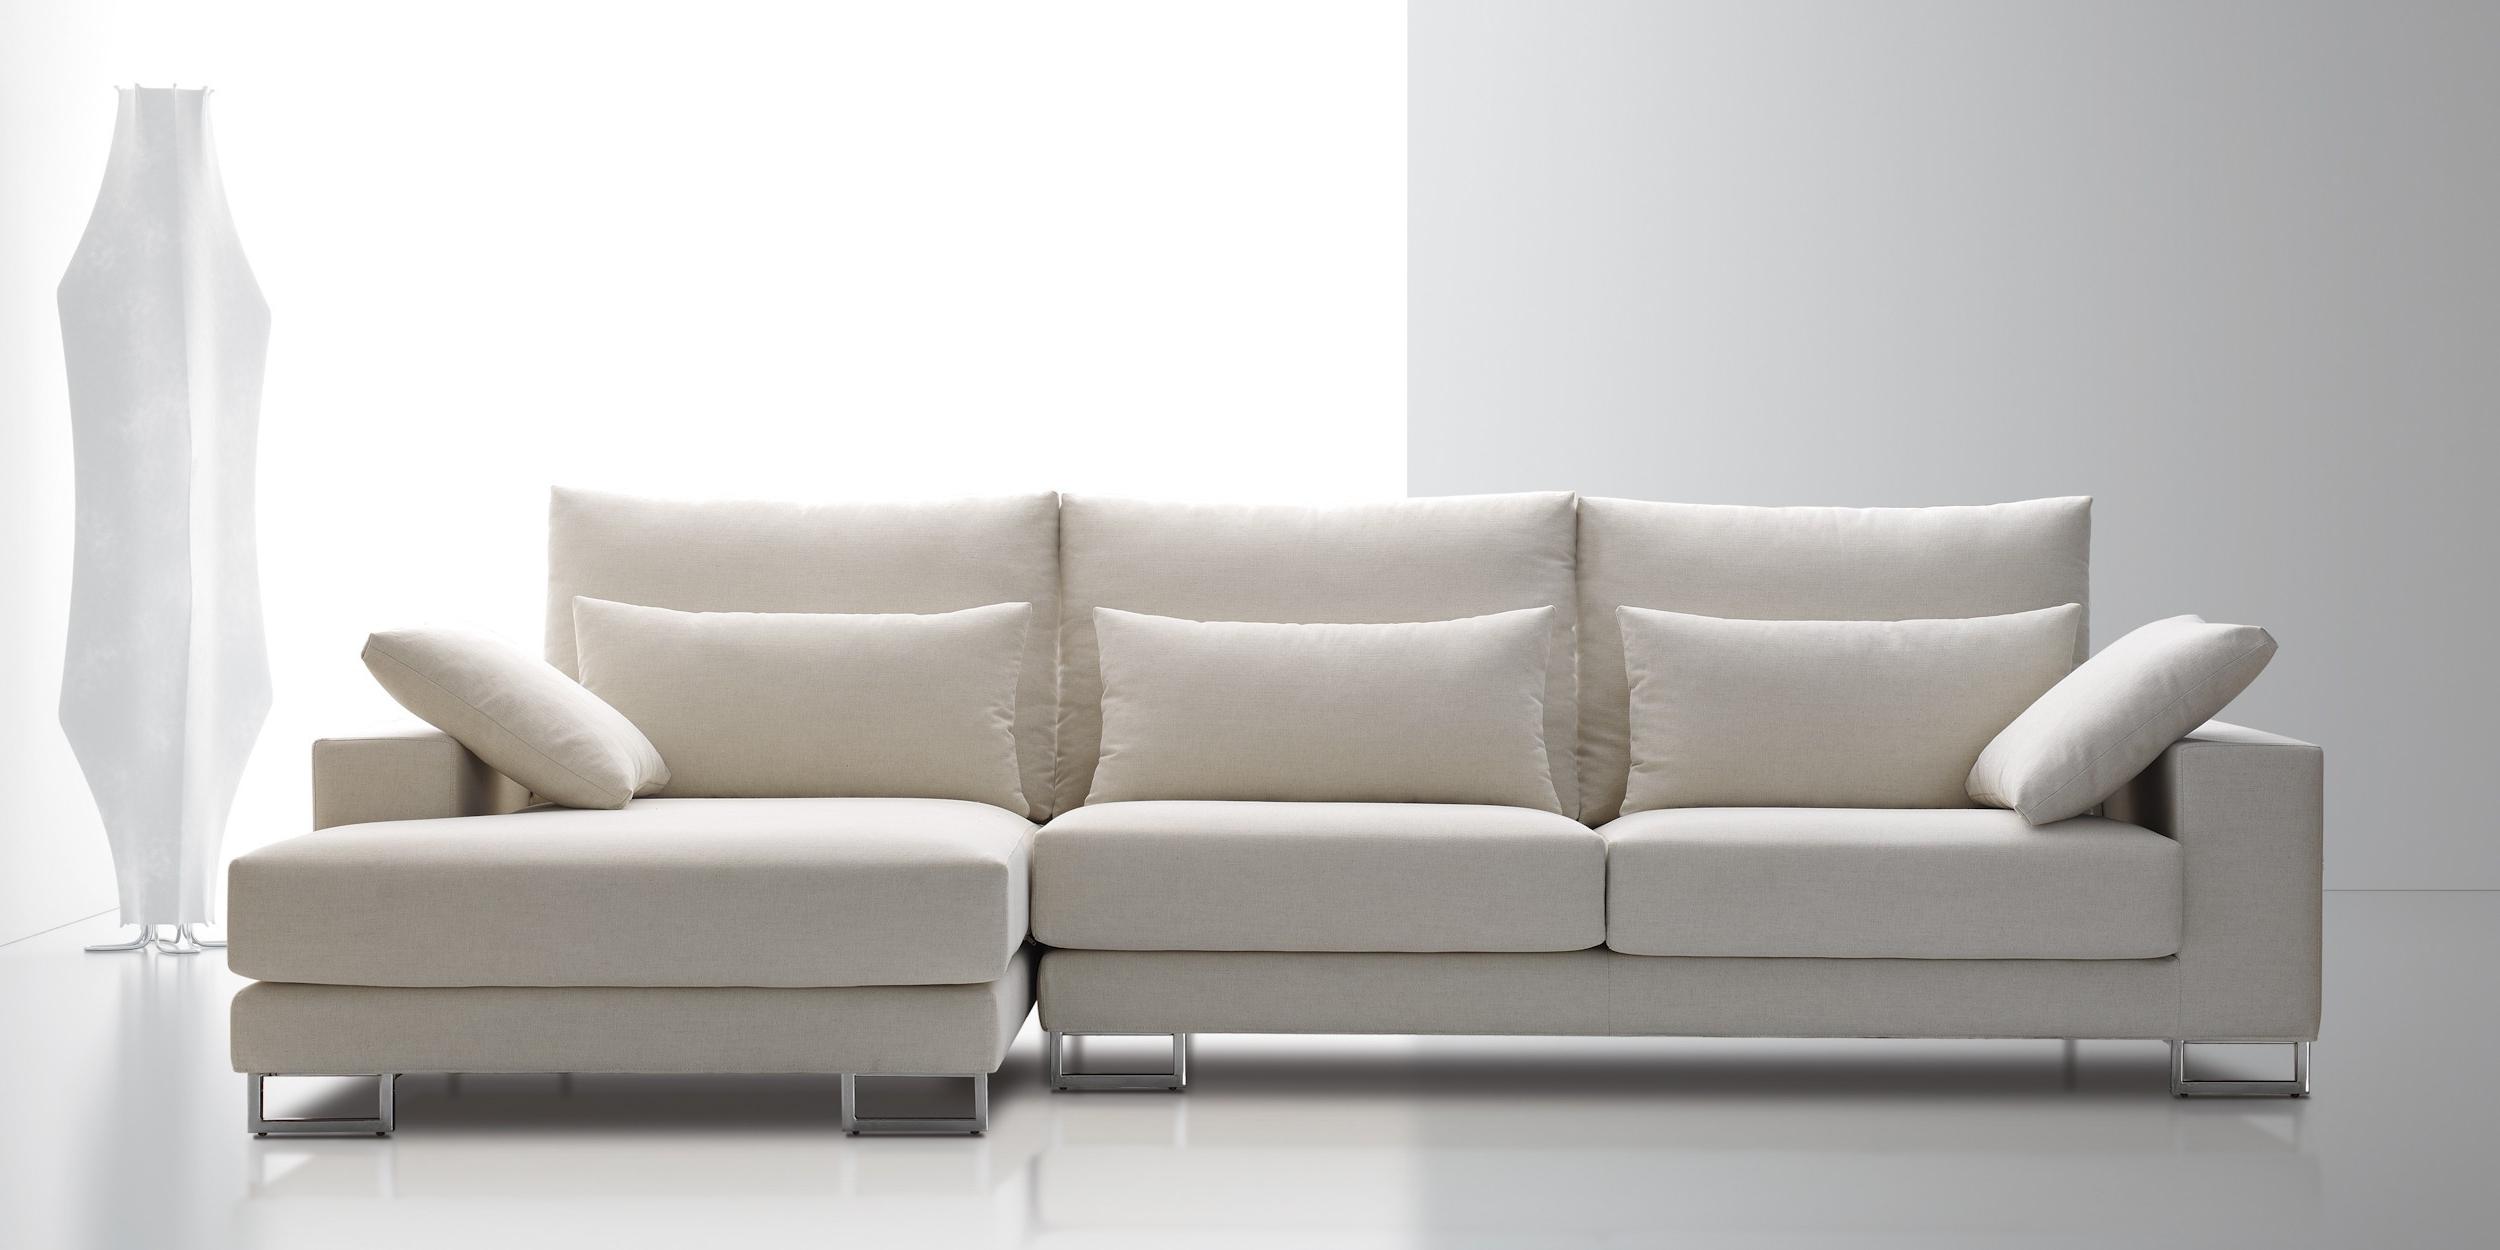 Stock sofas Carretera toledo 8ydm Tienda De sofà S Online Fabrica De sofà S En Valencia Fabricantes